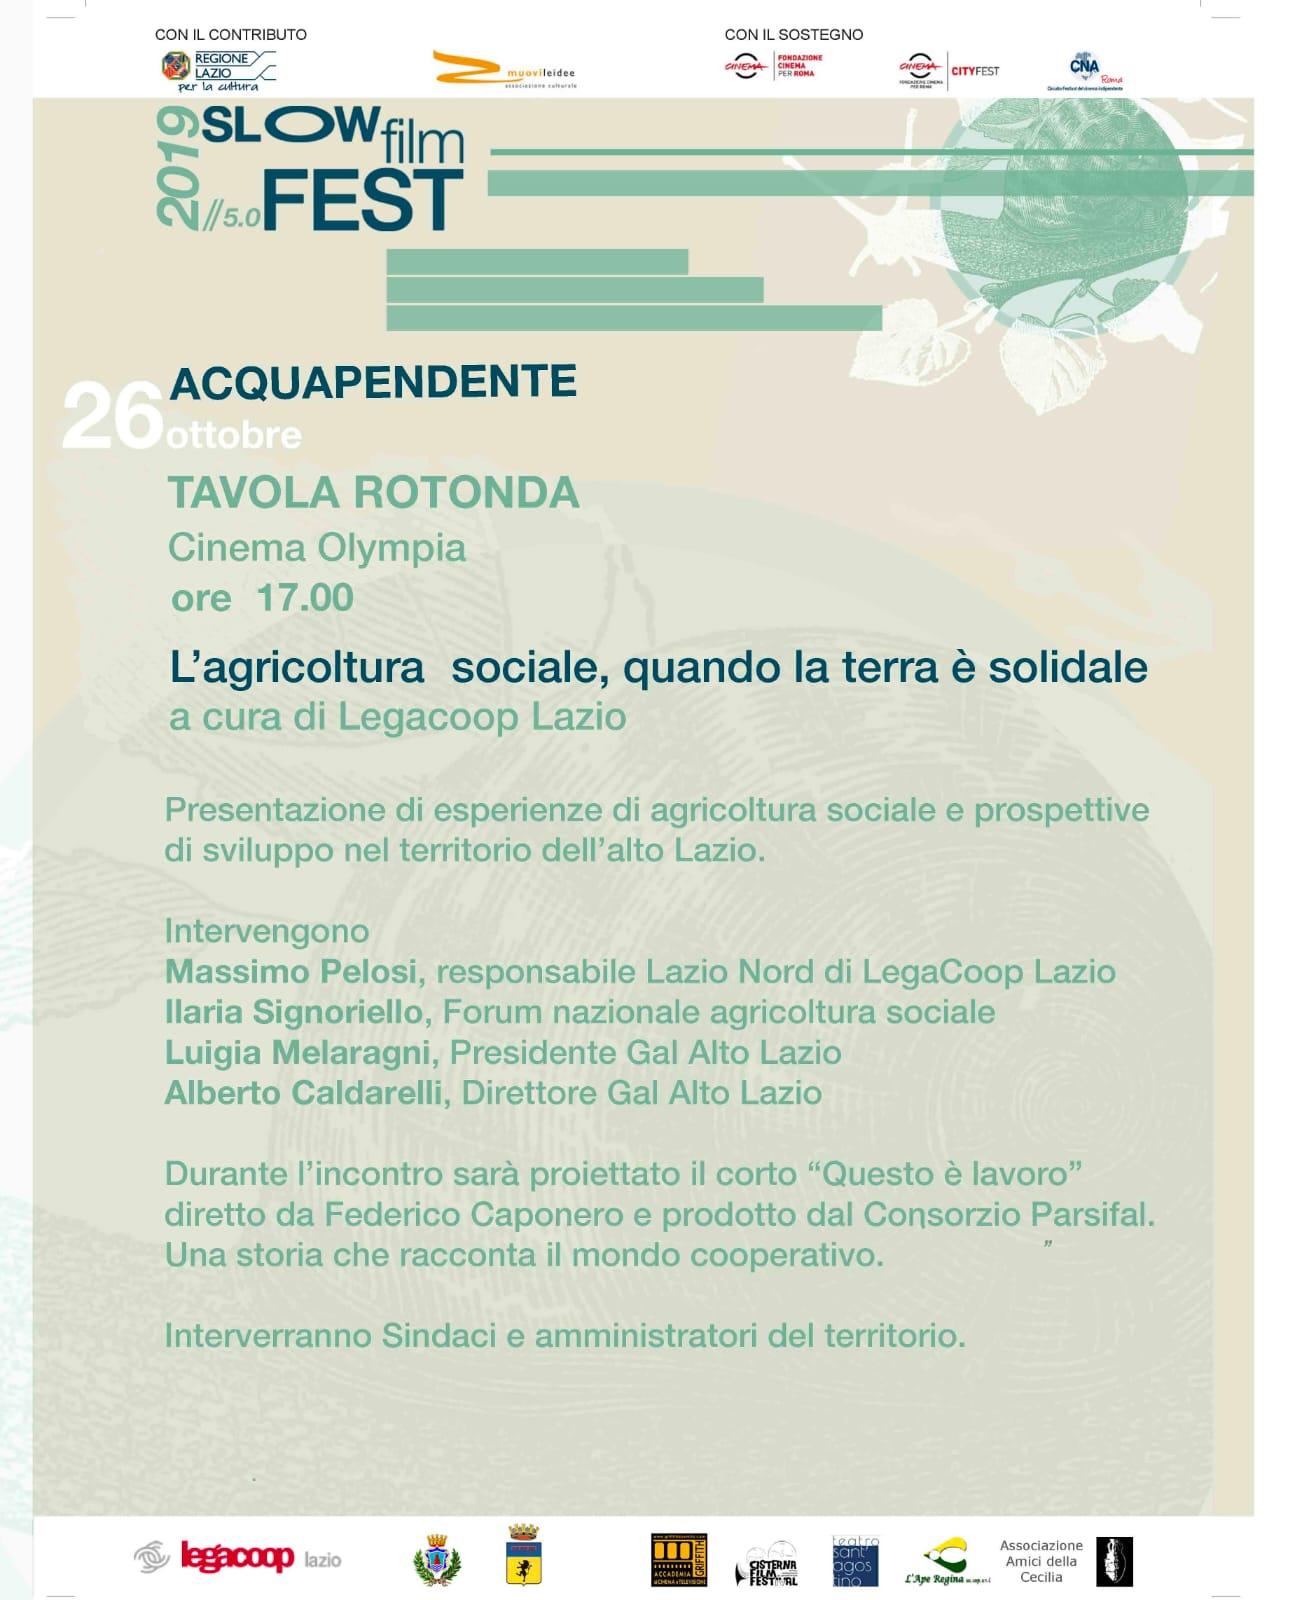 """Acquapendente, """"L'Agricoltura sociale, quando la terra è solidale"""", tavola rotonda sabato 26 ottobre"""